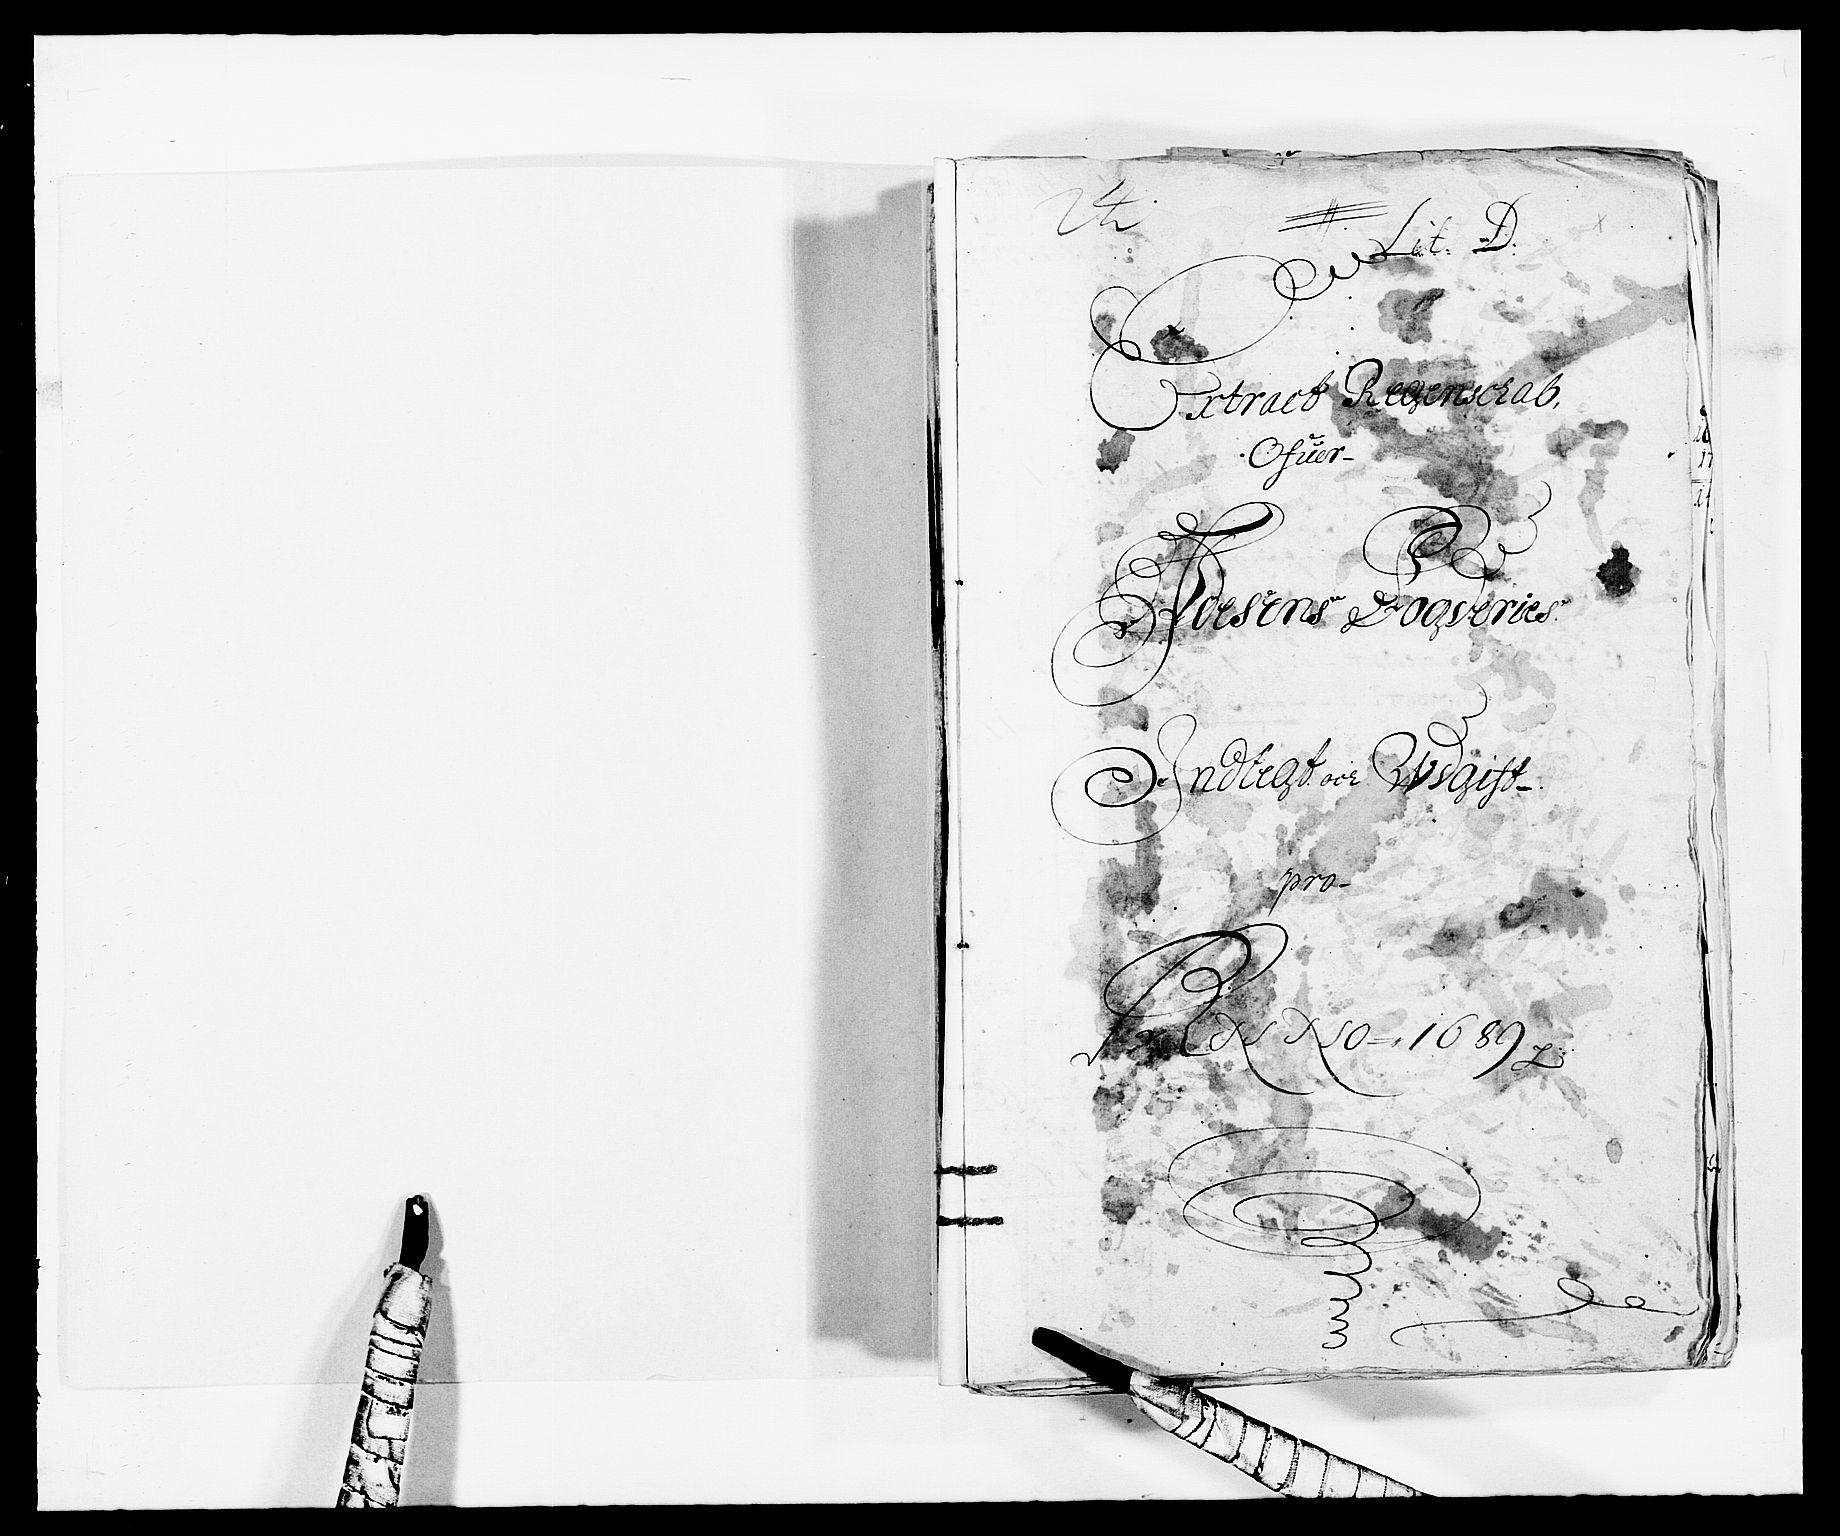 RA, Rentekammeret inntil 1814, Reviderte regnskaper, Fogderegnskap, R57/L3847: Fogderegnskap Fosen, 1689, s. 2